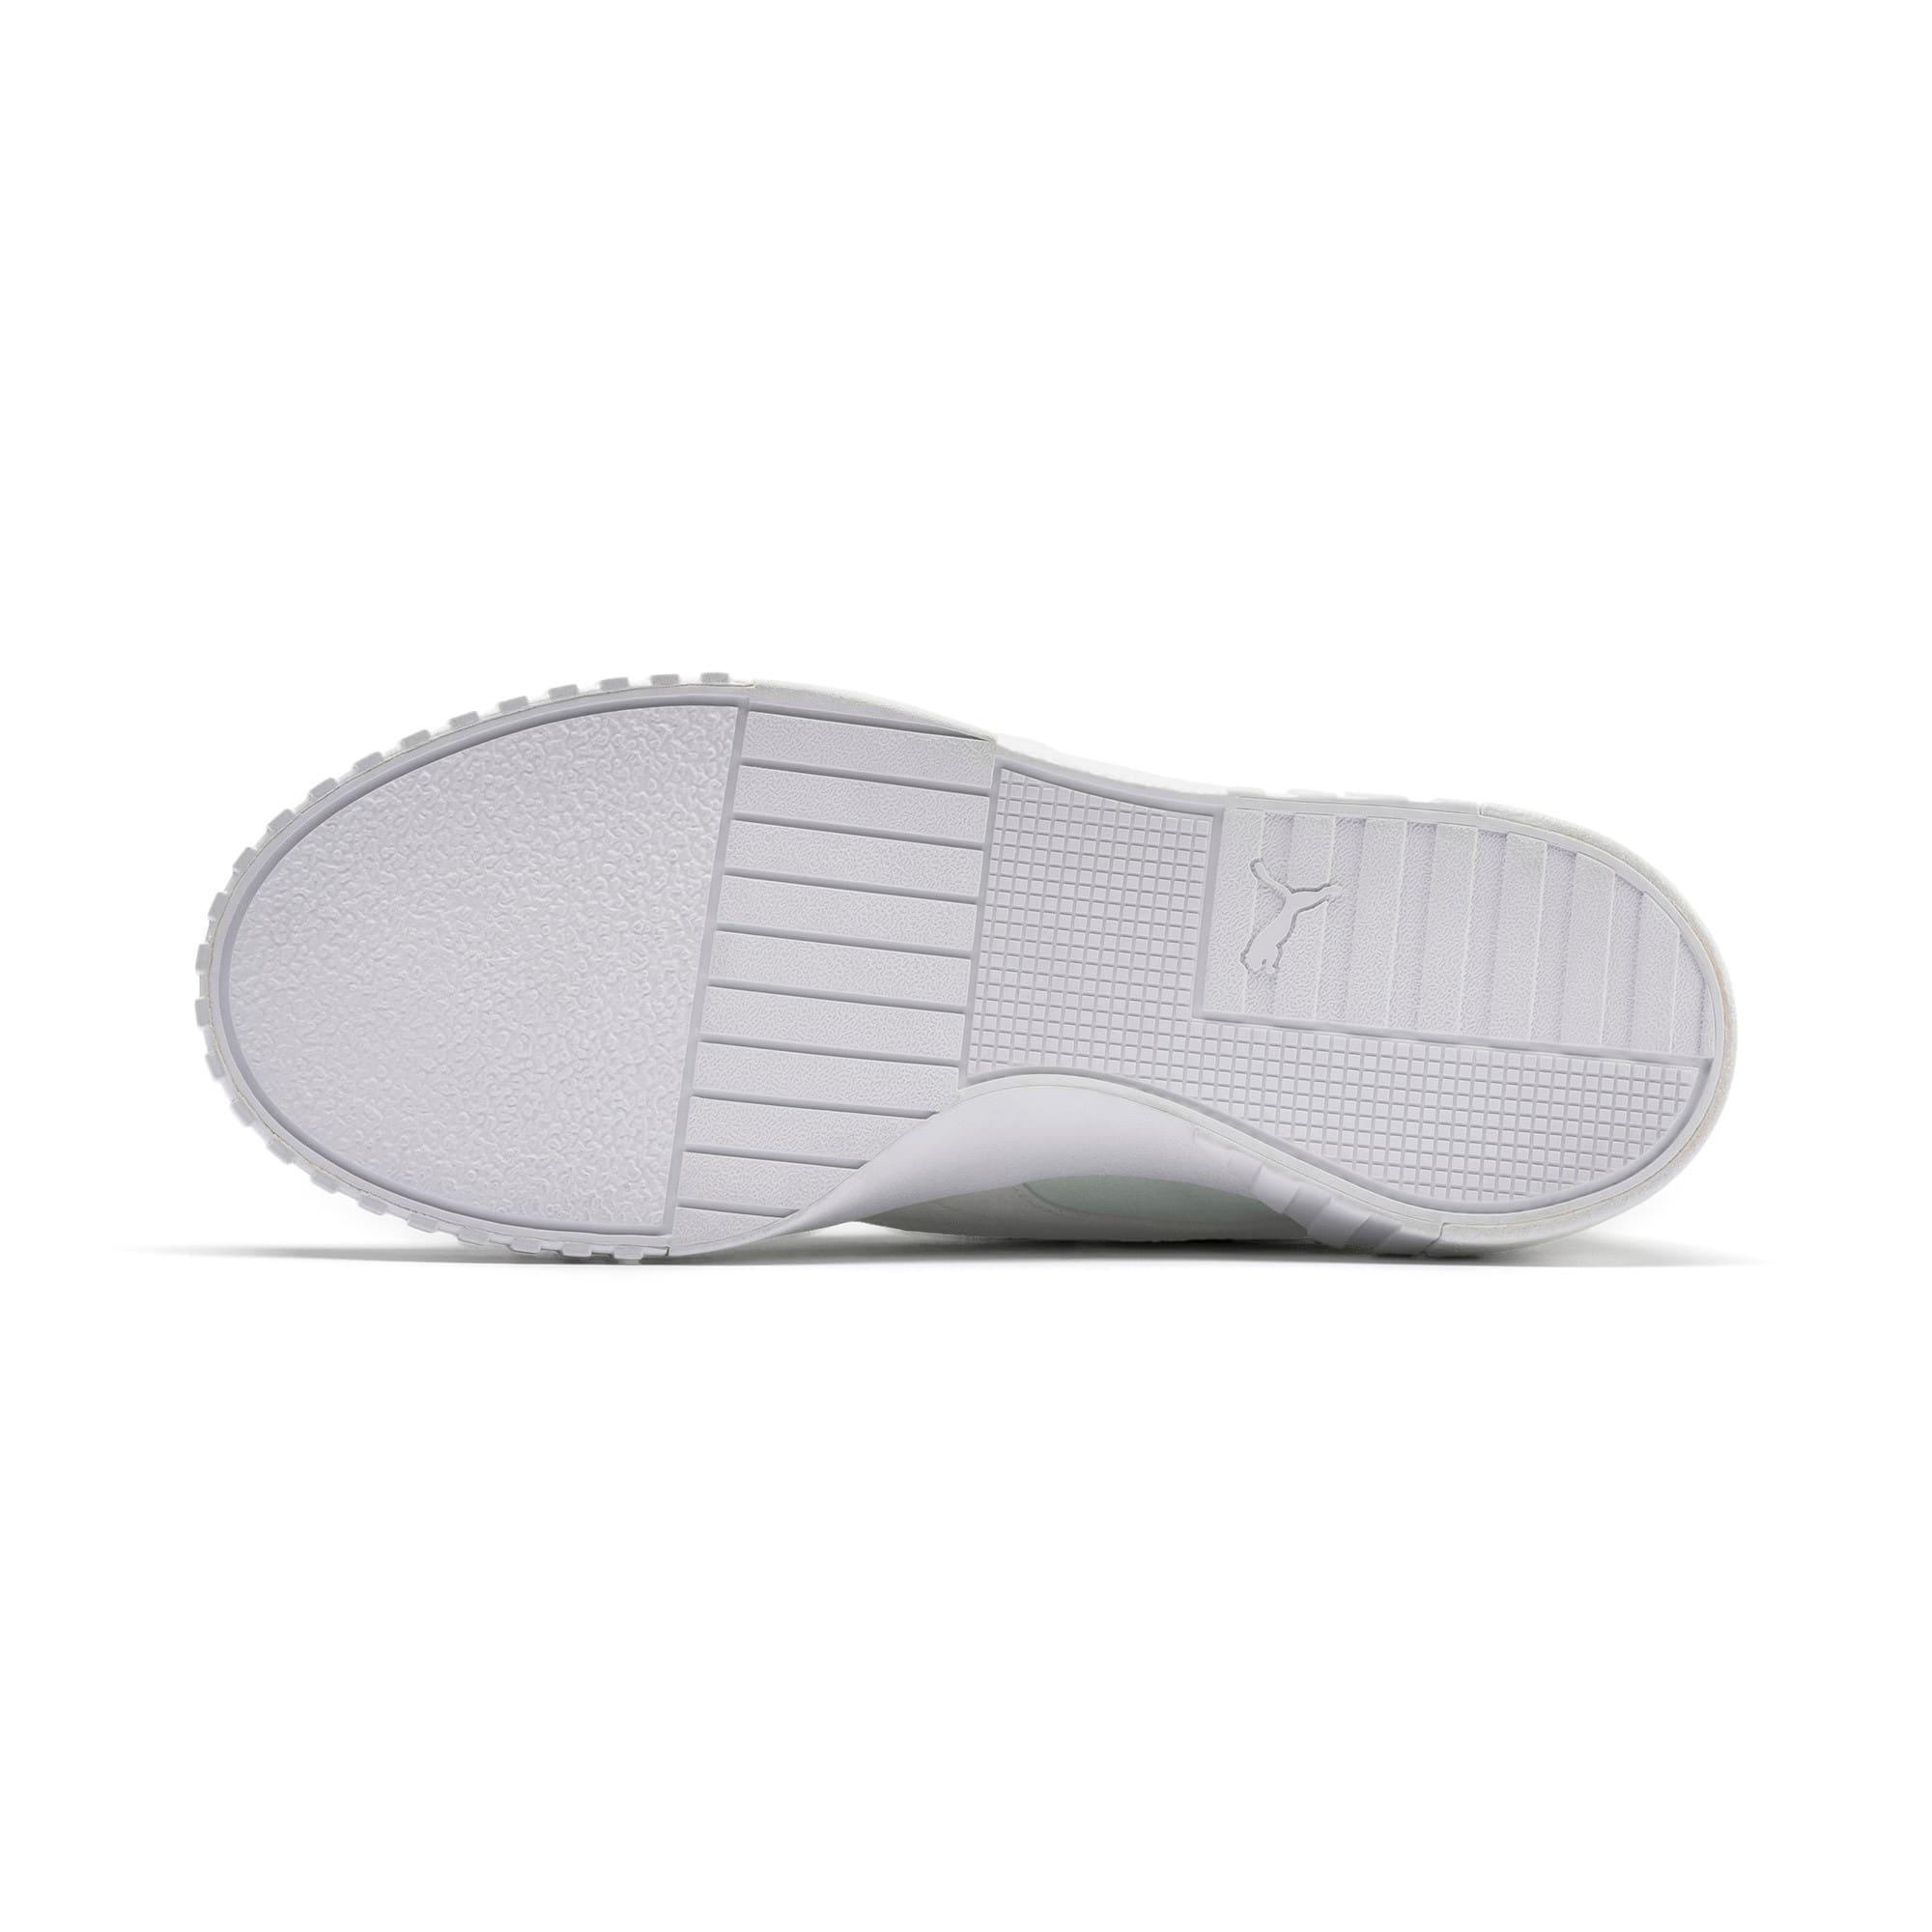 Imagen en miniatura 5 de Zapatillas de mujer Cali PUMA x SELENA GOMEZ, Fair Aqua-Puma White, mediana